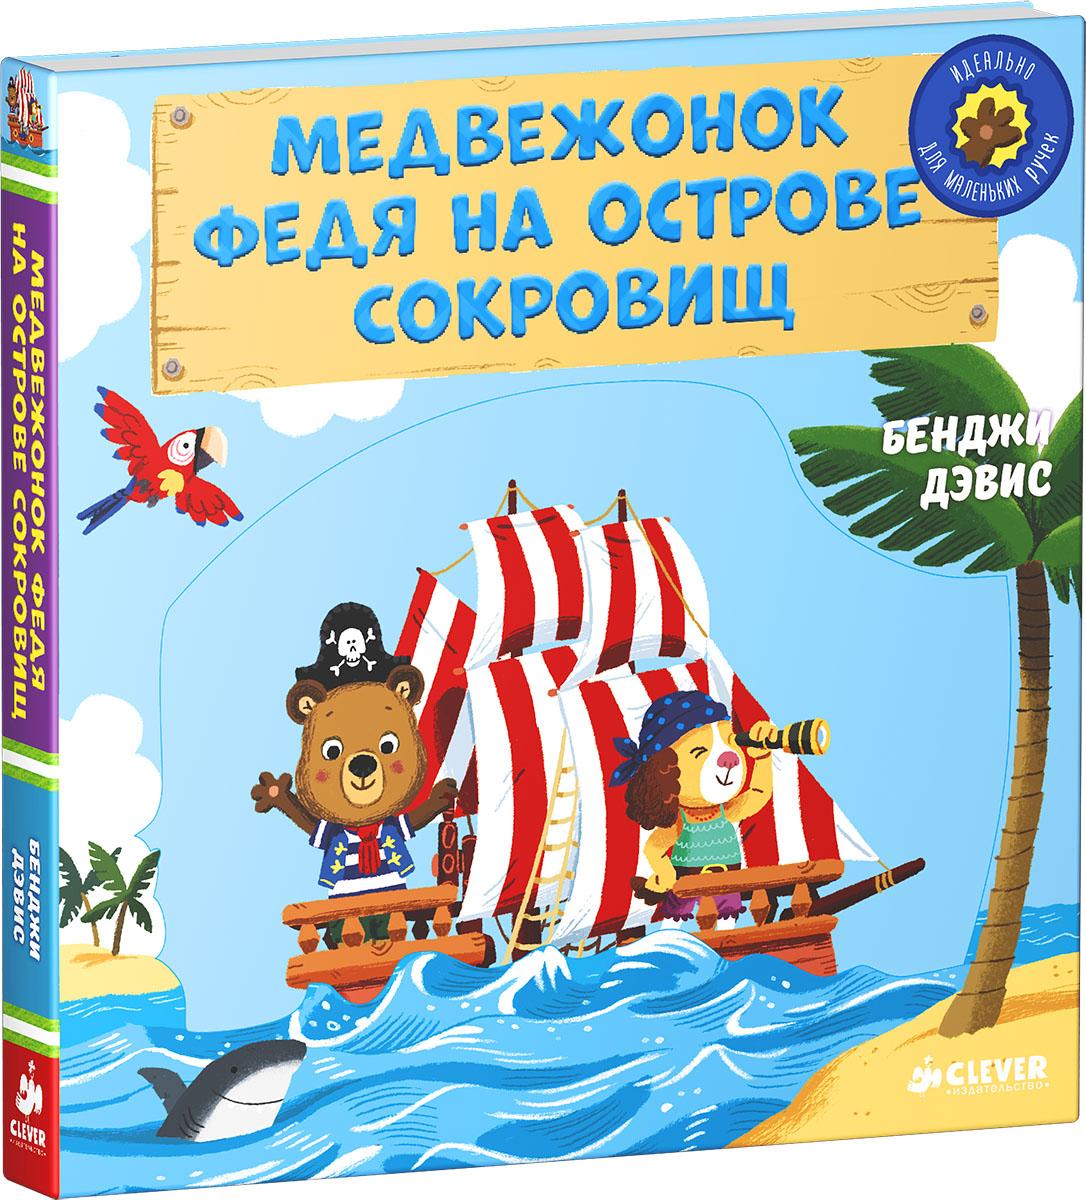 Медвежонок Федя на острове сокровищ12296407Что вас ждет под обложкой: Увлекательная книжка-игрушка с движущимися элементами про медвежонка Федю, который отправился в пиратский поход. Гид для родителей: Читайте веселые стихи и выполняйте задания. Рассказывайте ребенку о кораблях и морских пиратах. Об их быте, приключениях и о погодных условиях, с которыми сталкиваются мореплаватели. Расскажите об обитателях морских глубин, о таинственных островах и спрятанных сокровищах. А яркие и красочные иллюстрации вам помогут в этом! Изюминки: Удобный формат, плотные картонные страницы с движущимися деталями. Два в одном: познавательная книга для знакомства с окружающим миром и игра для развития мелкой моторики и внимания. Возраст: от 1 года до 3 лет. Книги данной линейки более 20 лет популярны в Европе!